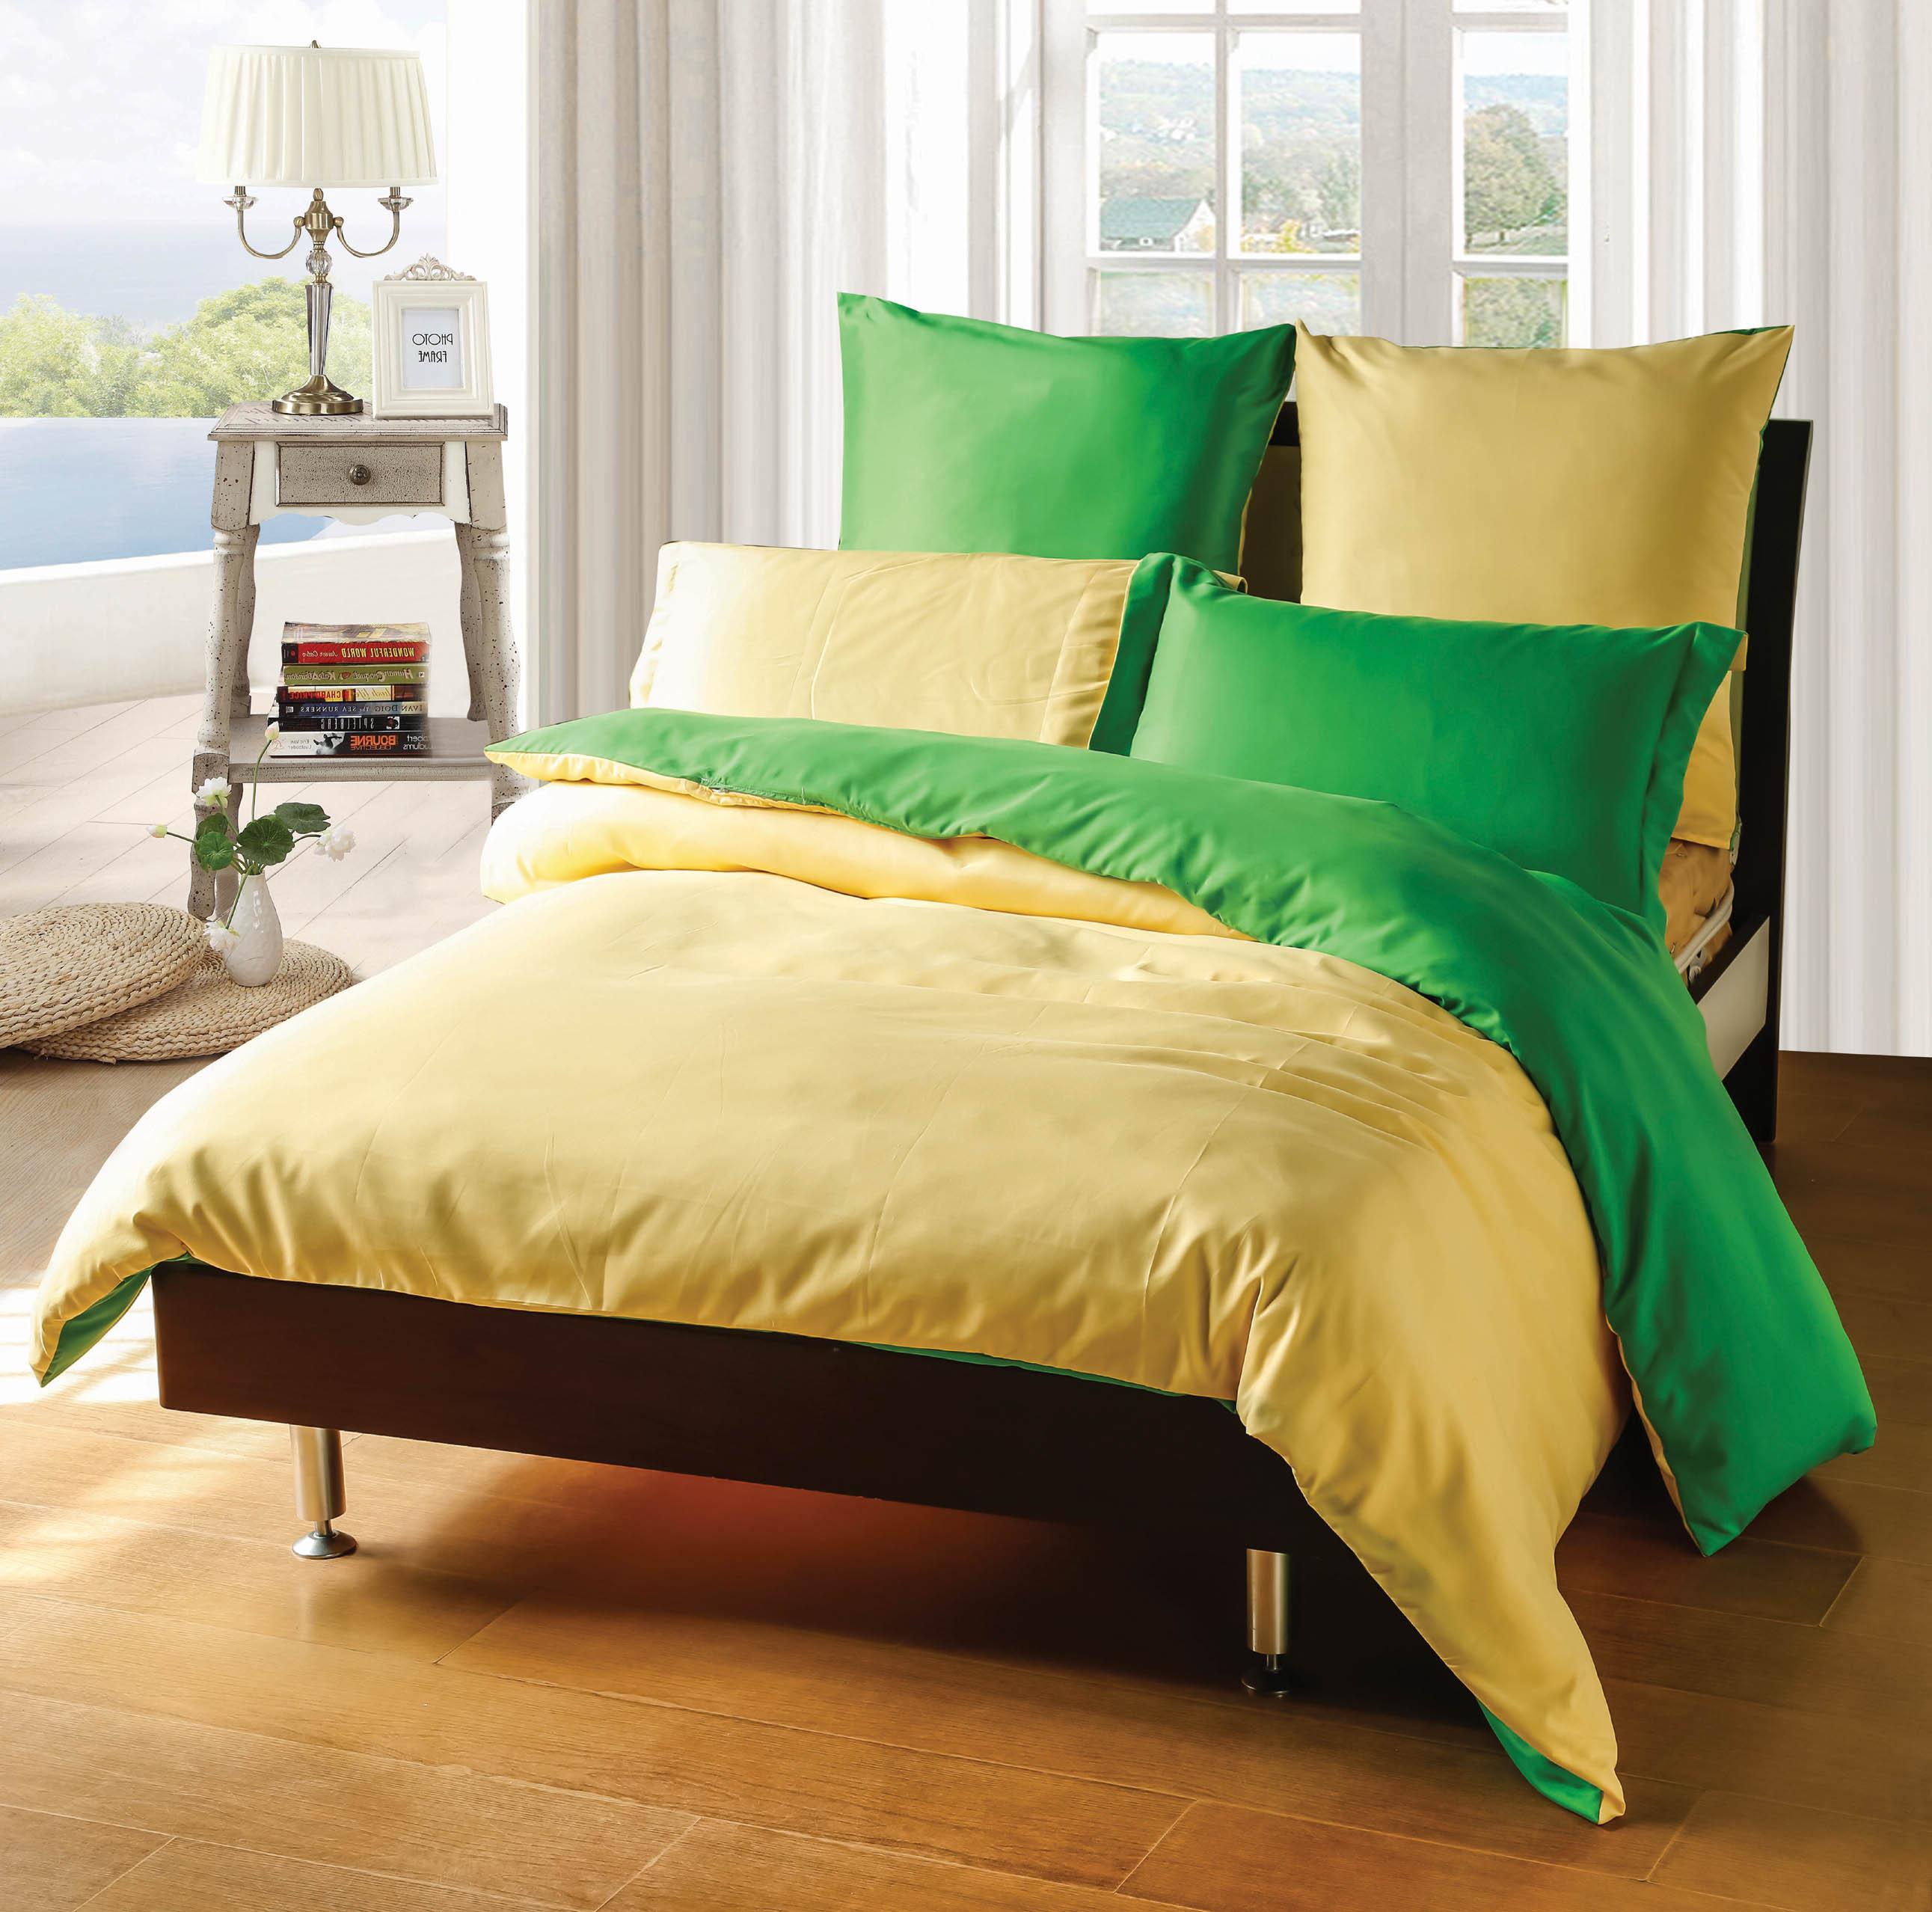 Комплекты постельного белья SRosete srt233442